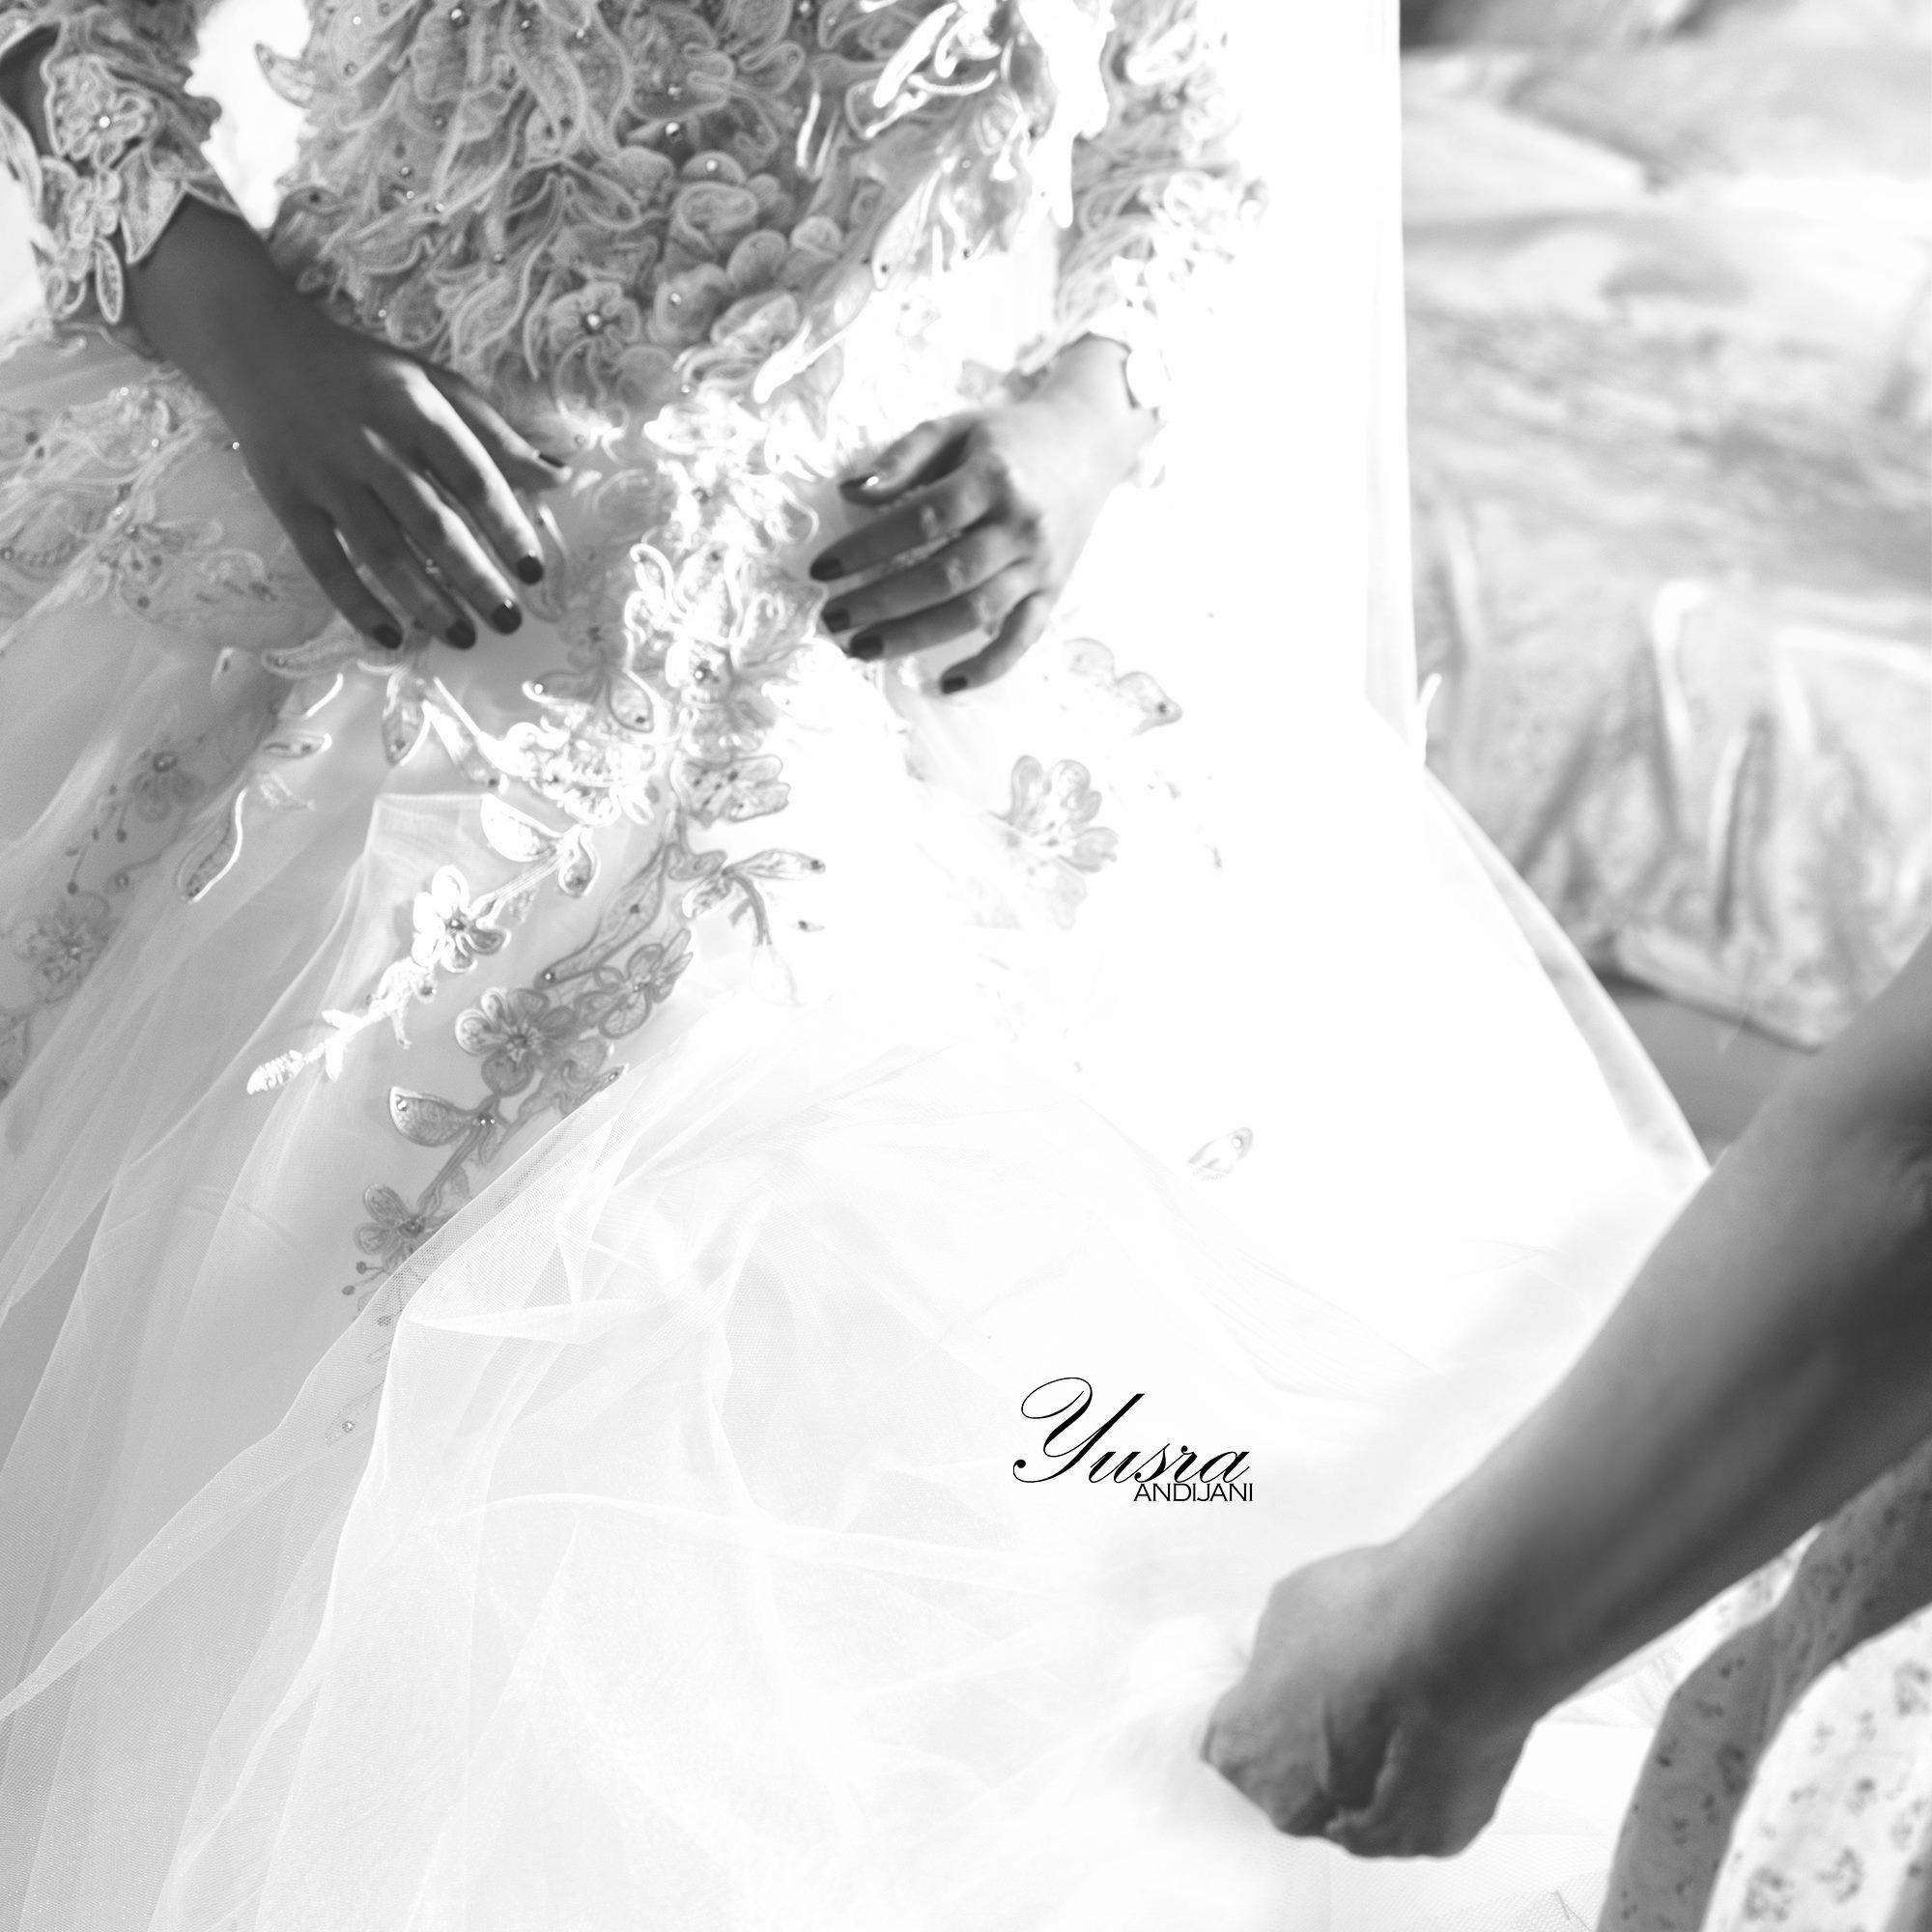 أمي يا جنه الدنيا كل عام وكل ام بخير وتفرح ببناتها في افراحهم يسرا انديجاني امي تصويري مصور Wedding Photography Wedding Dresses Photography